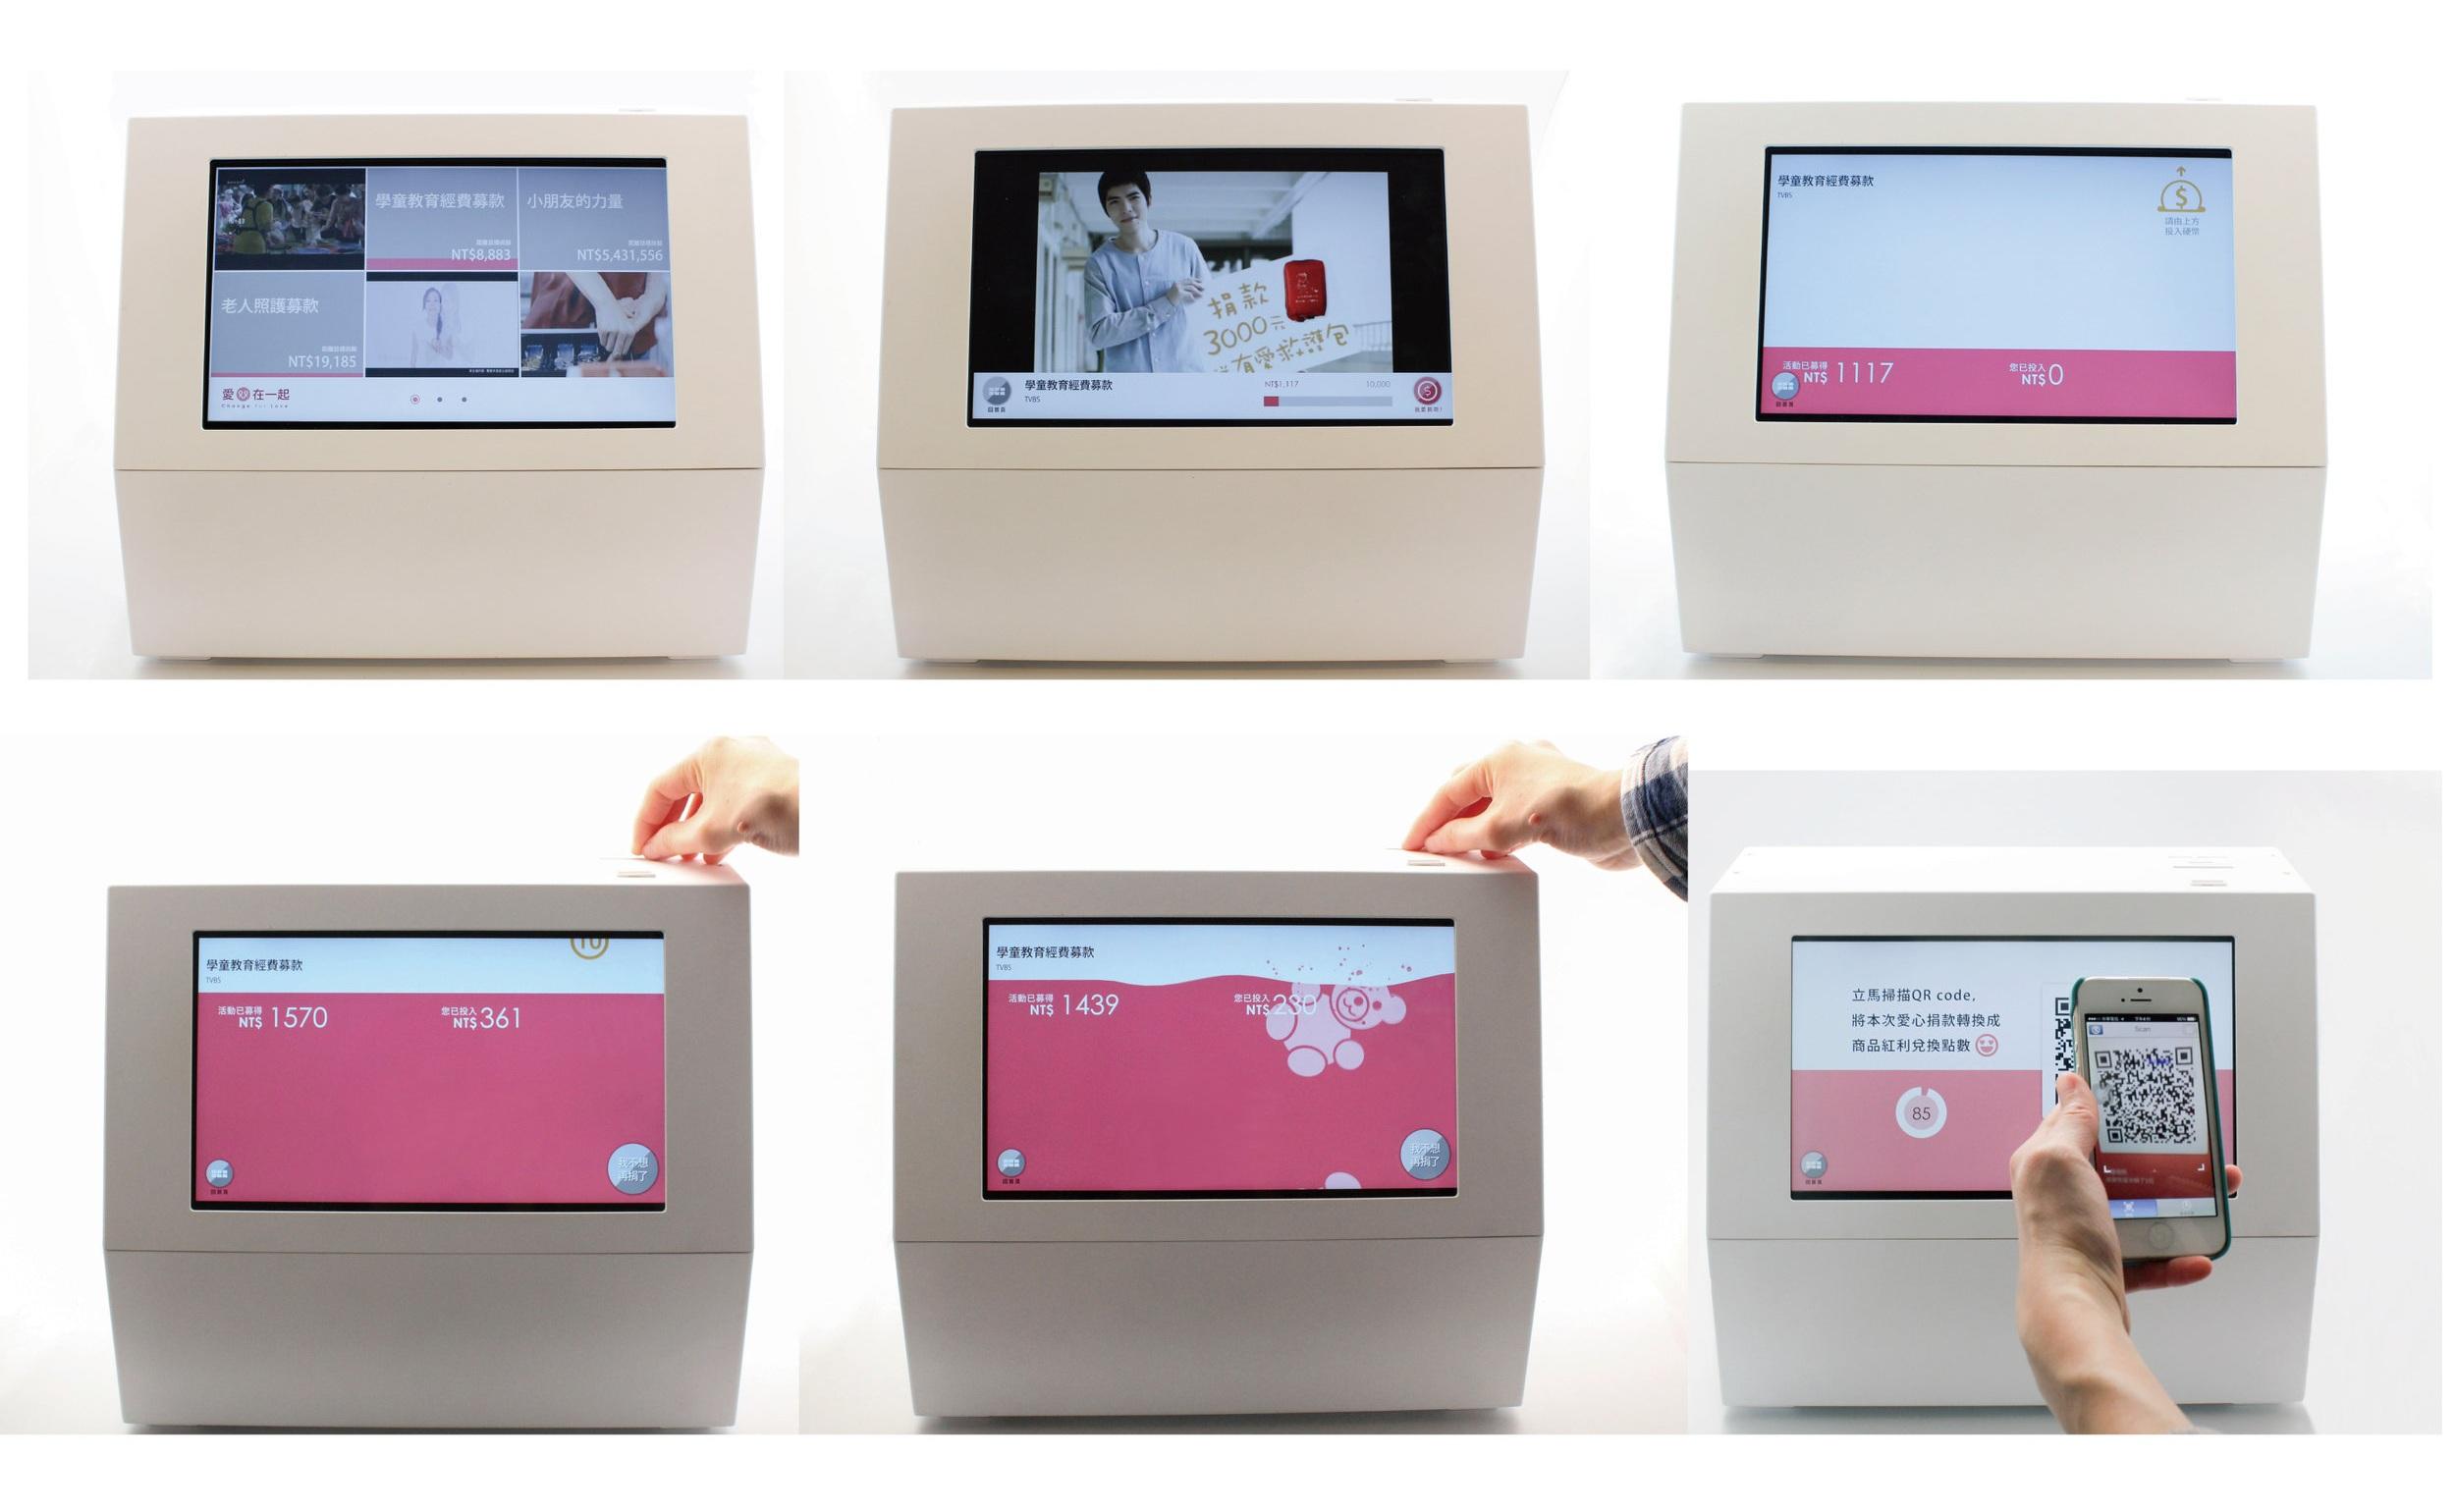 物聯捐款箱使用者介面流程。